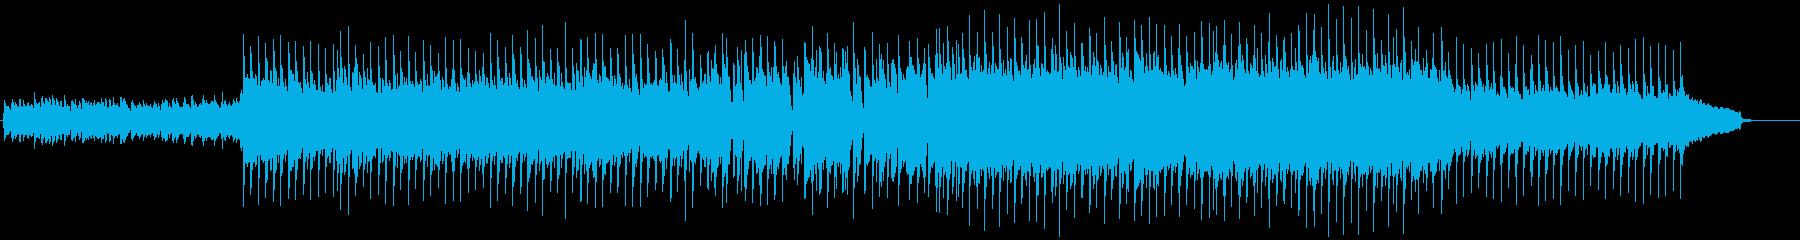 VP系11、爽やかなロック、ドライブBの再生済みの波形